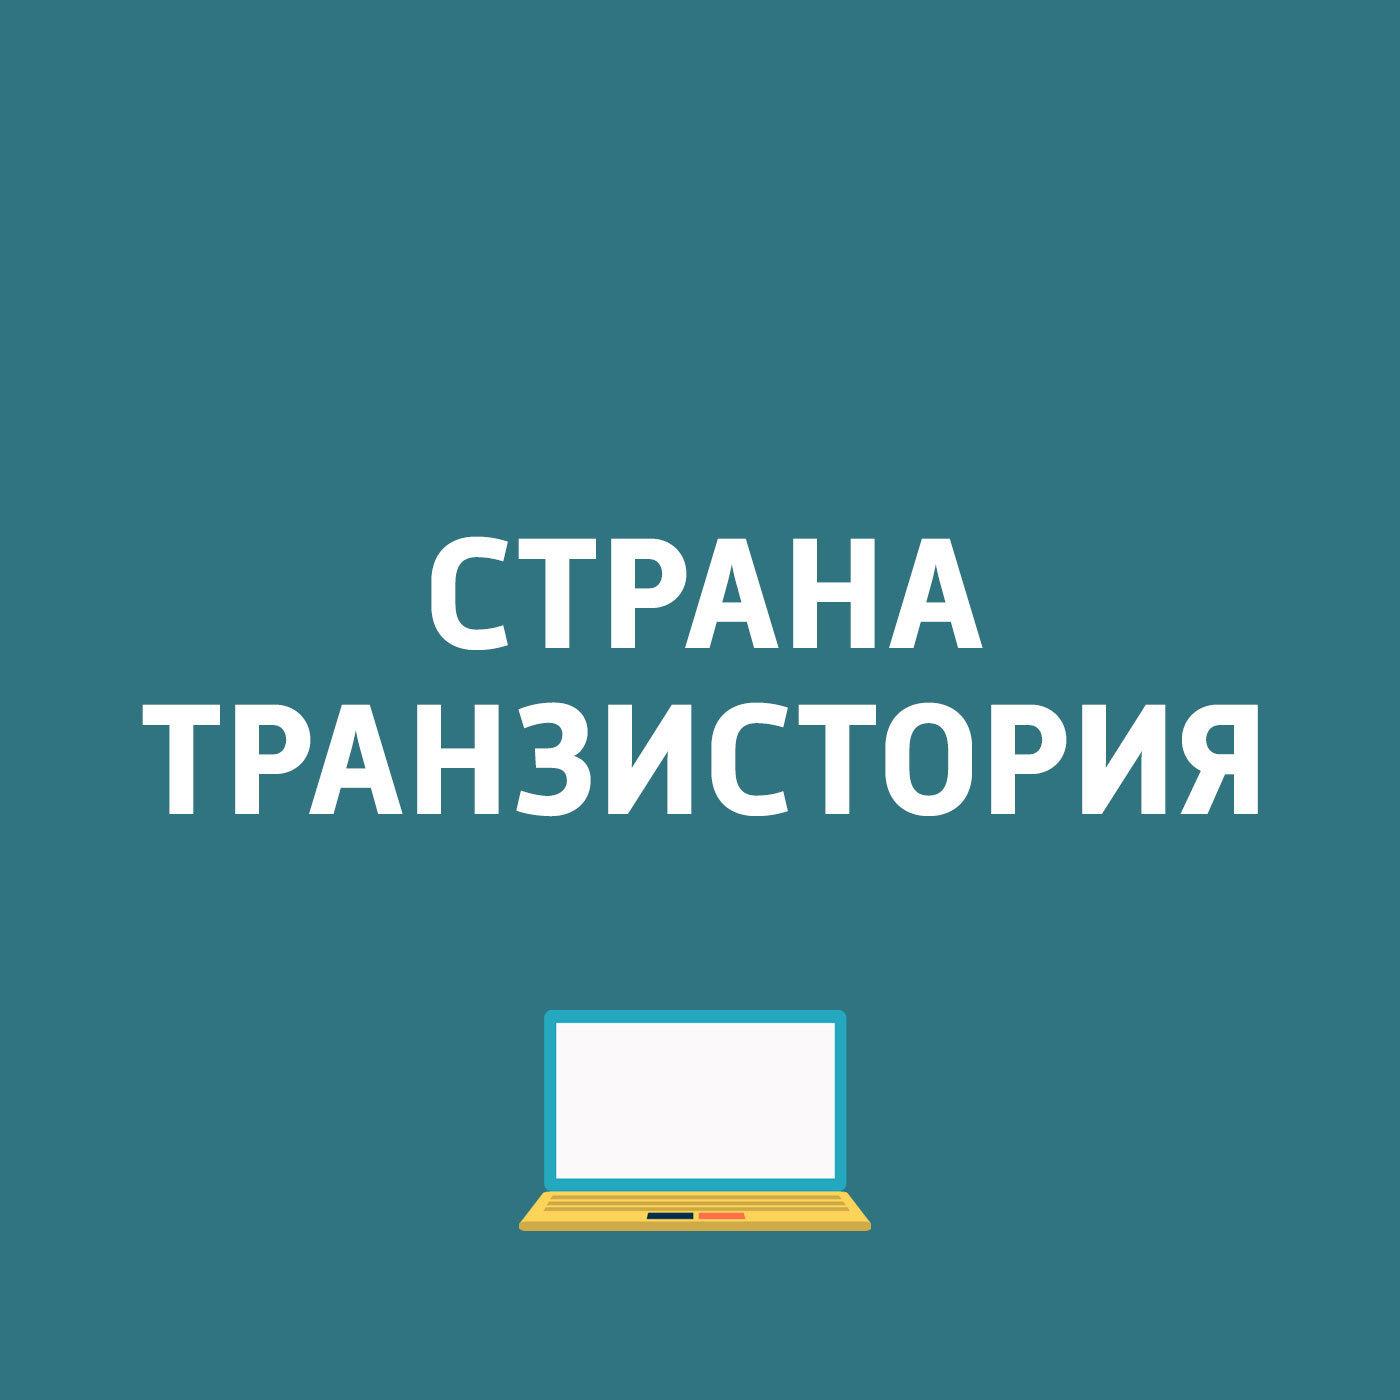 все цены на Картаев Павел Windows 10 April 2018 Update; «Доктор Веб